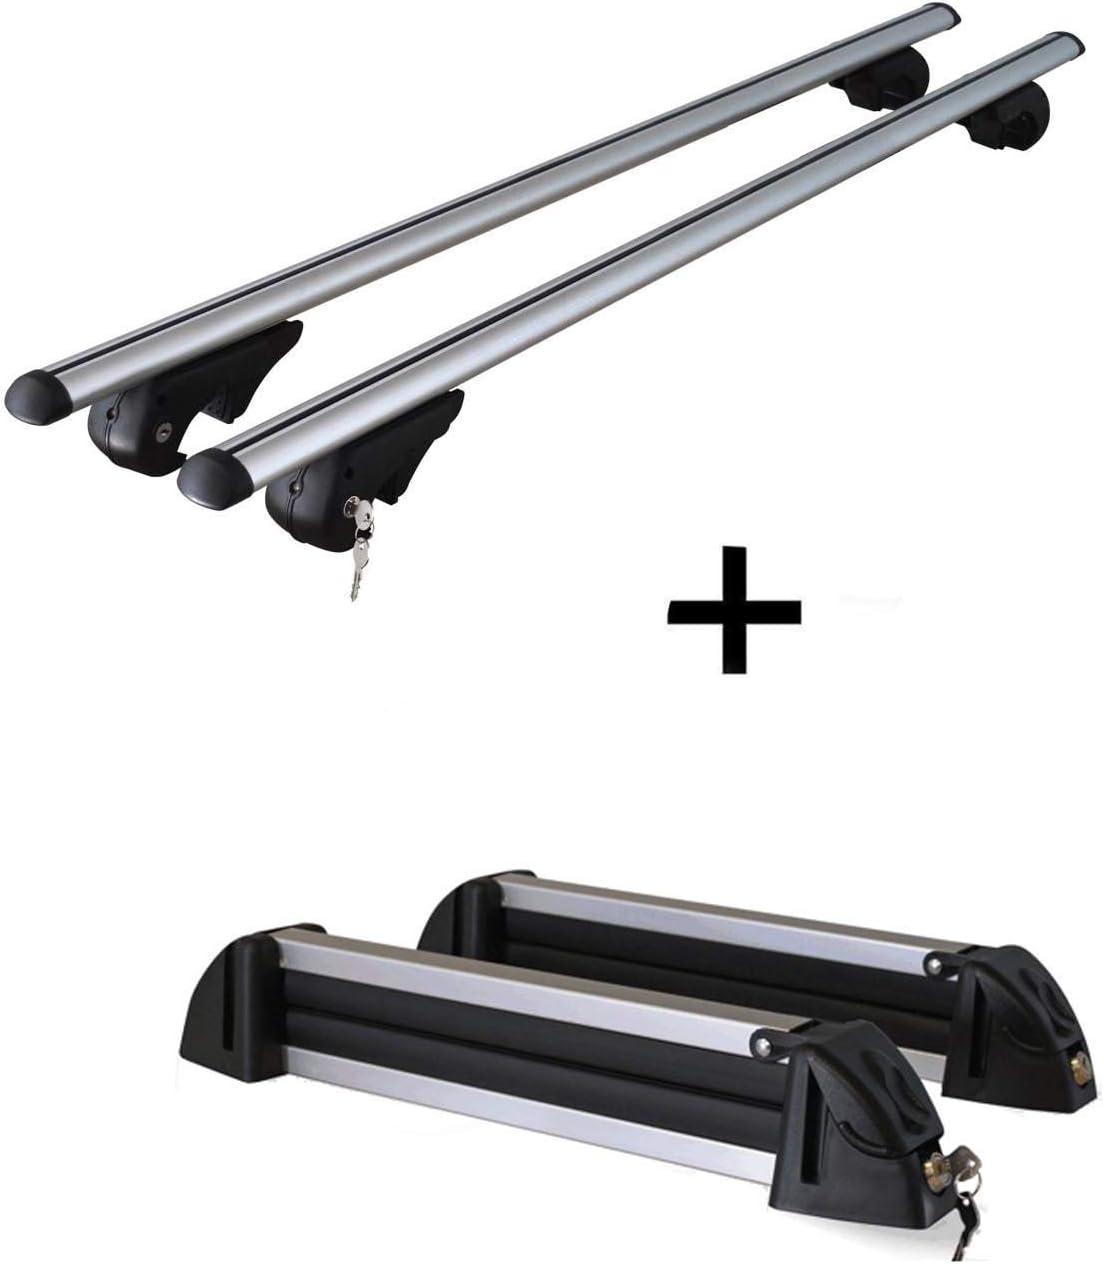 Skitr/äger//Snowboardtr/äger//Skihalter Alu 4 Paar Ski kompatibel mit VW Passat Variant 3C 05-10 VDP Dachtr/äger Rio 120